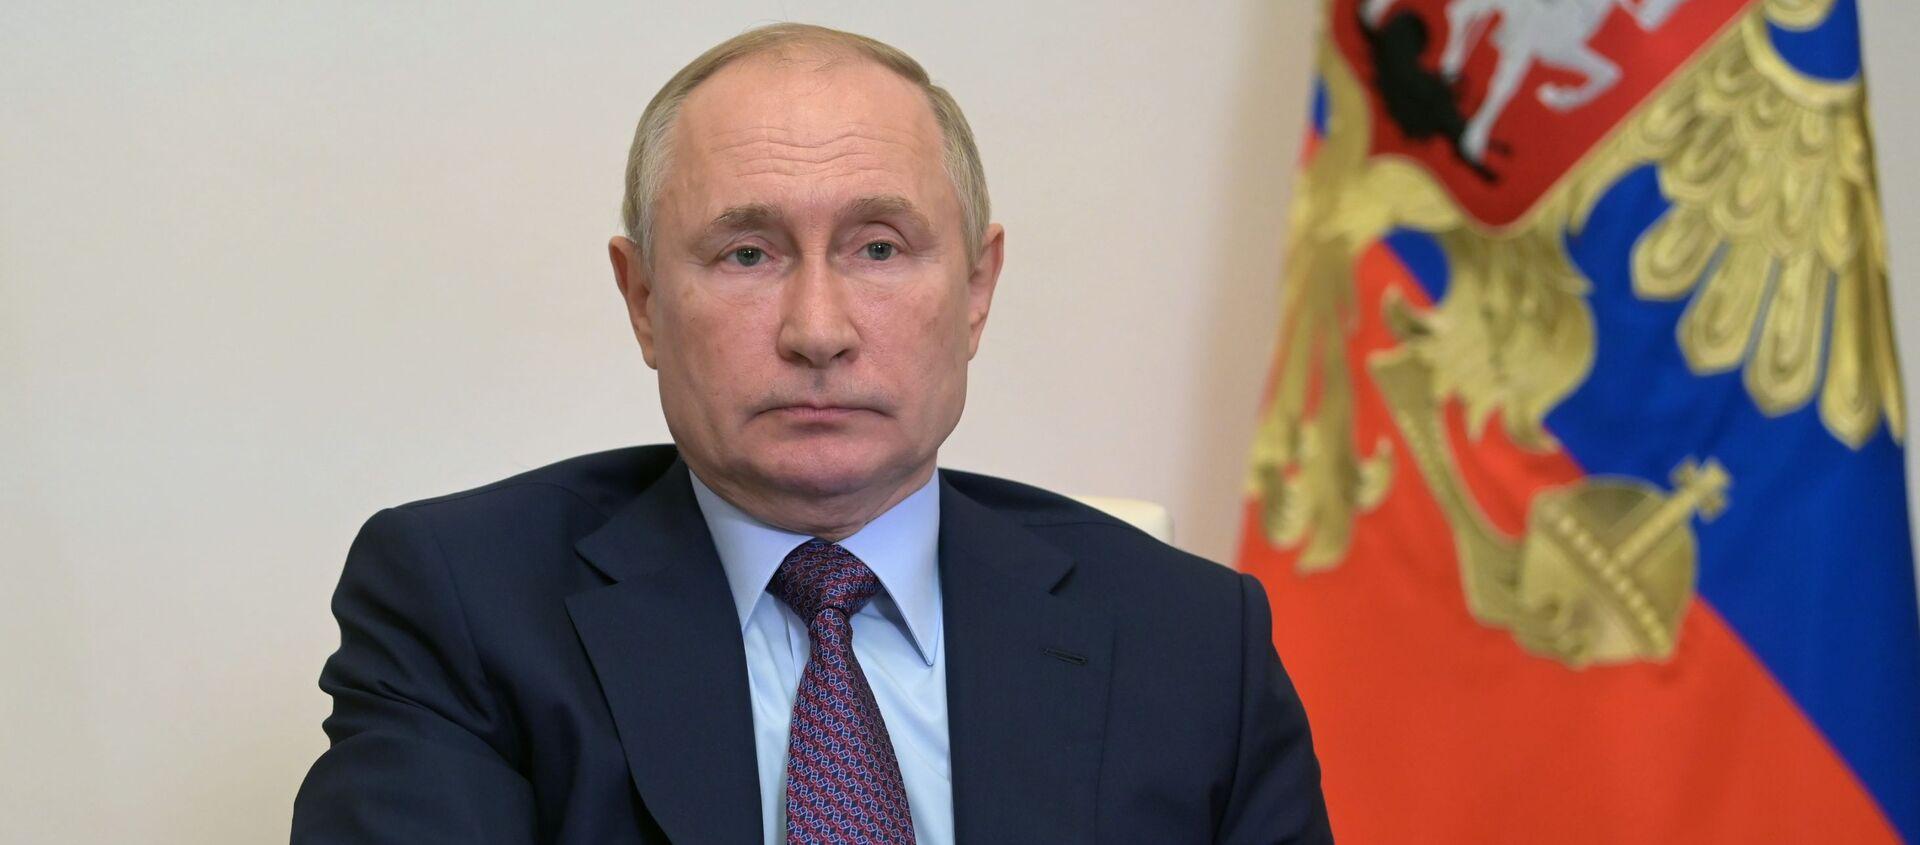 Президент РФ В. Путин провел совещание по вопросам развития энергетики - Sputnik Южная Осетия, 1920, 07.10.2021